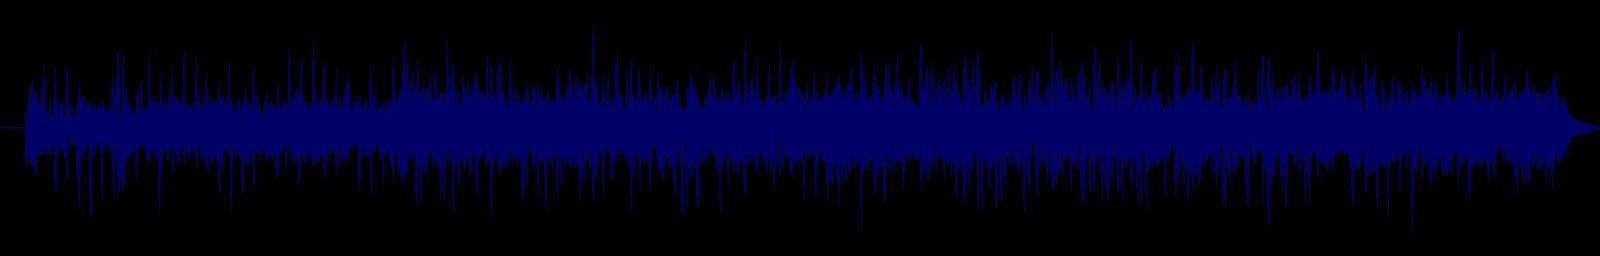 waveform of track #106421